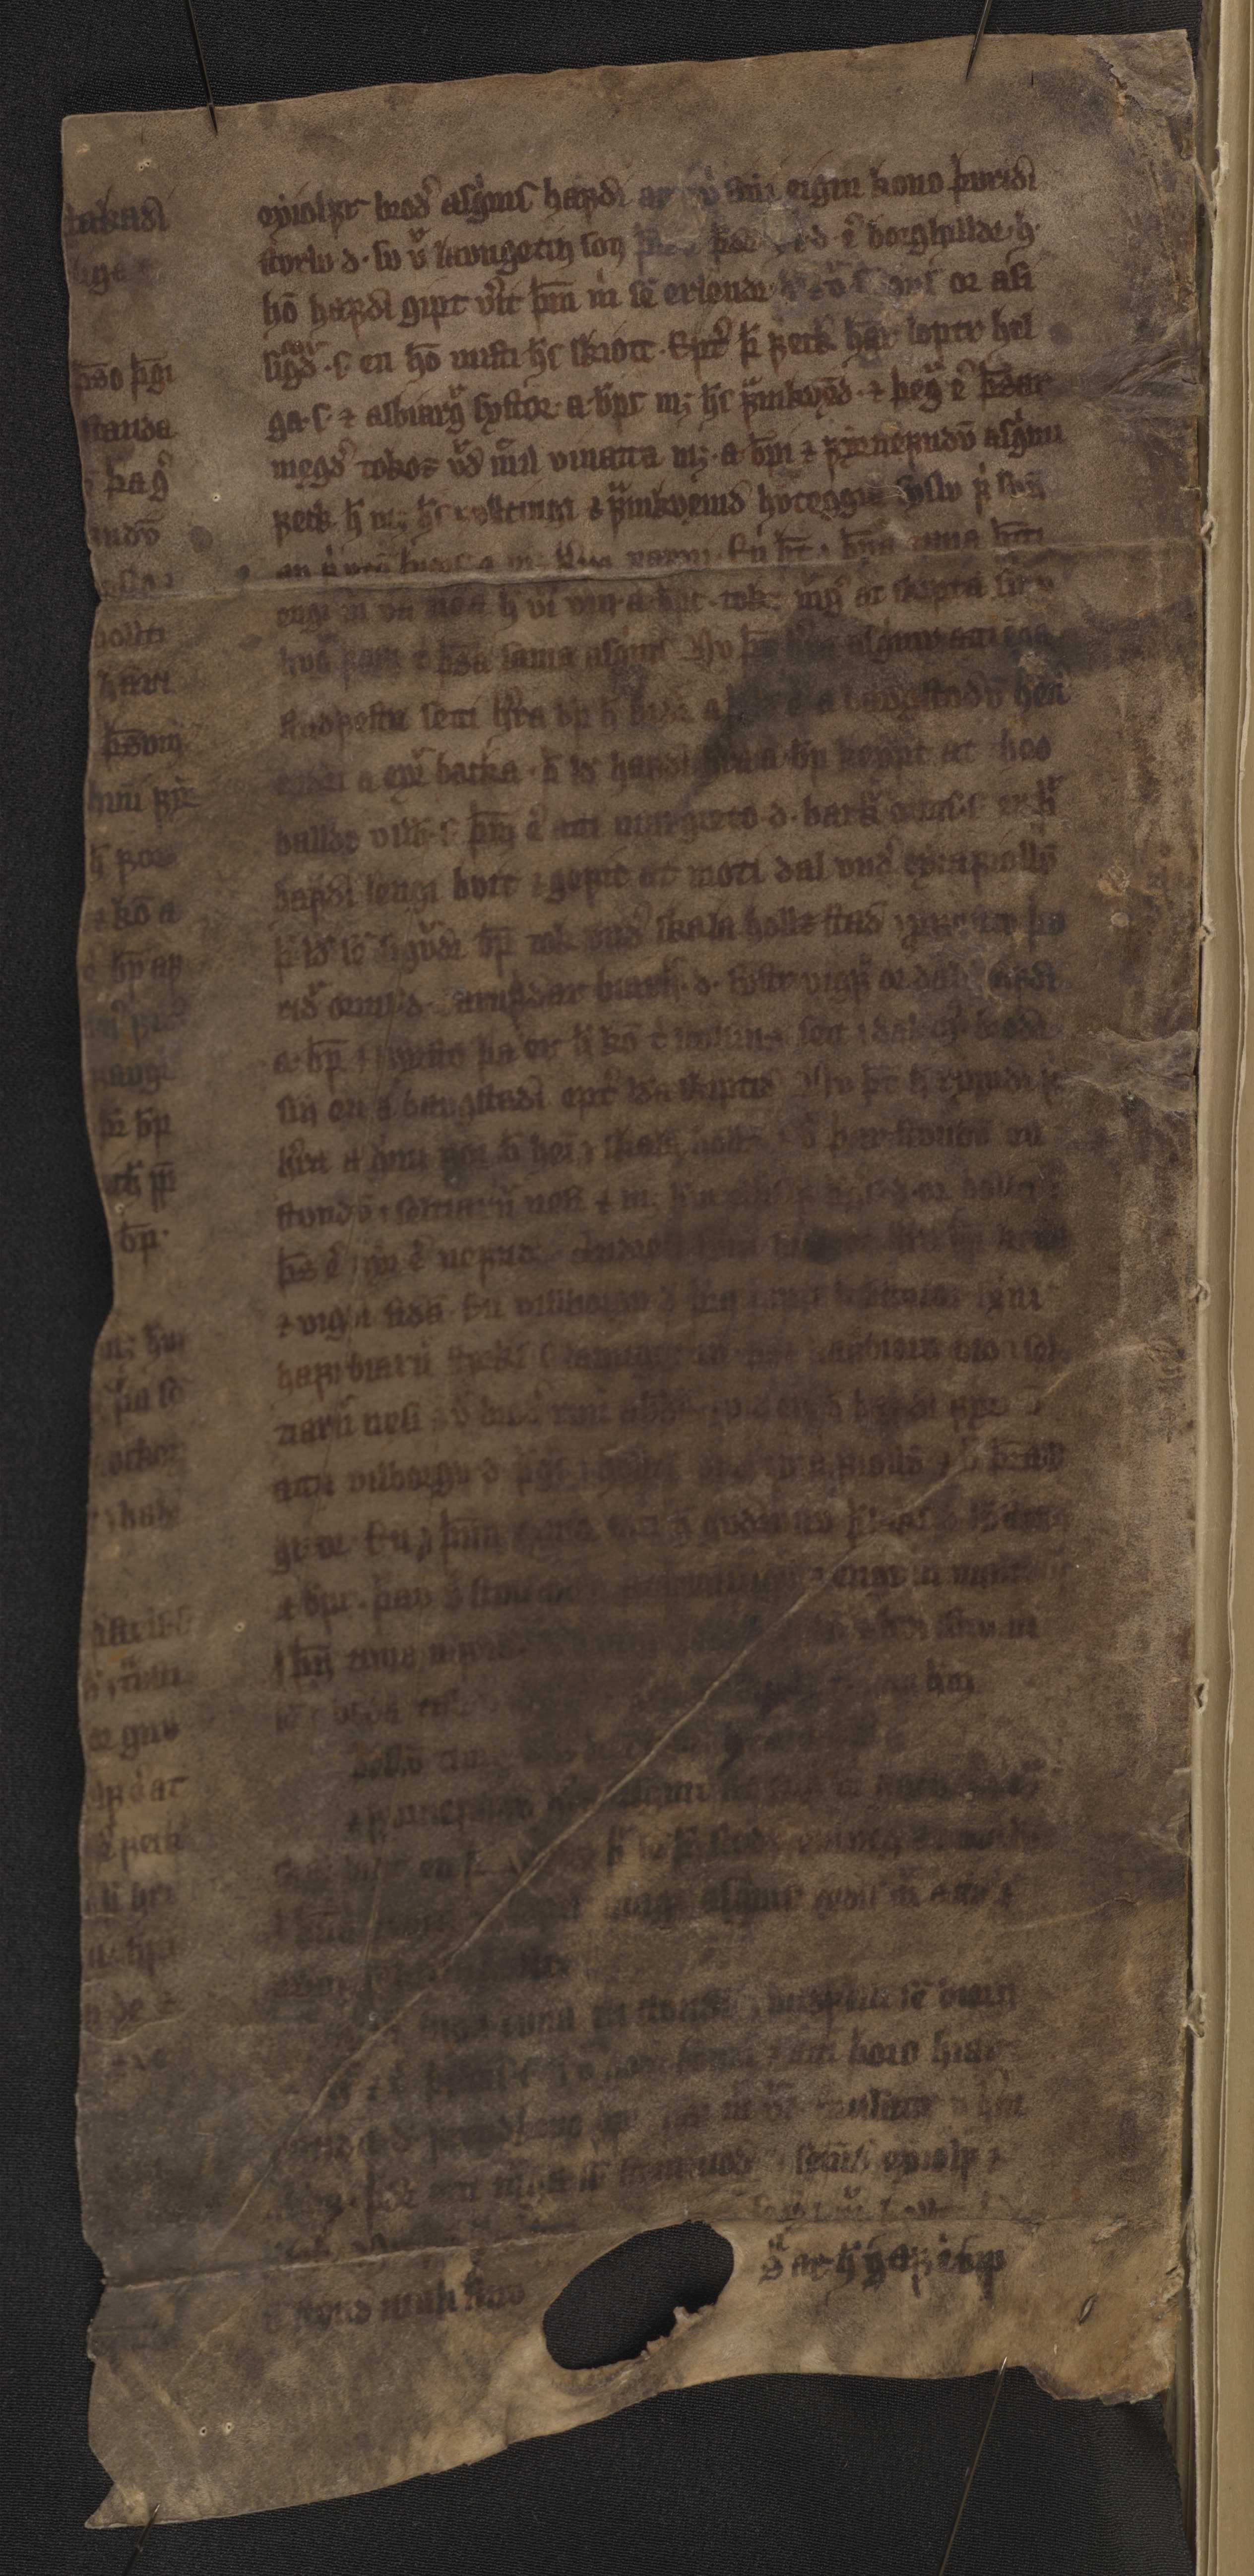 AM 122 b fol - 26v